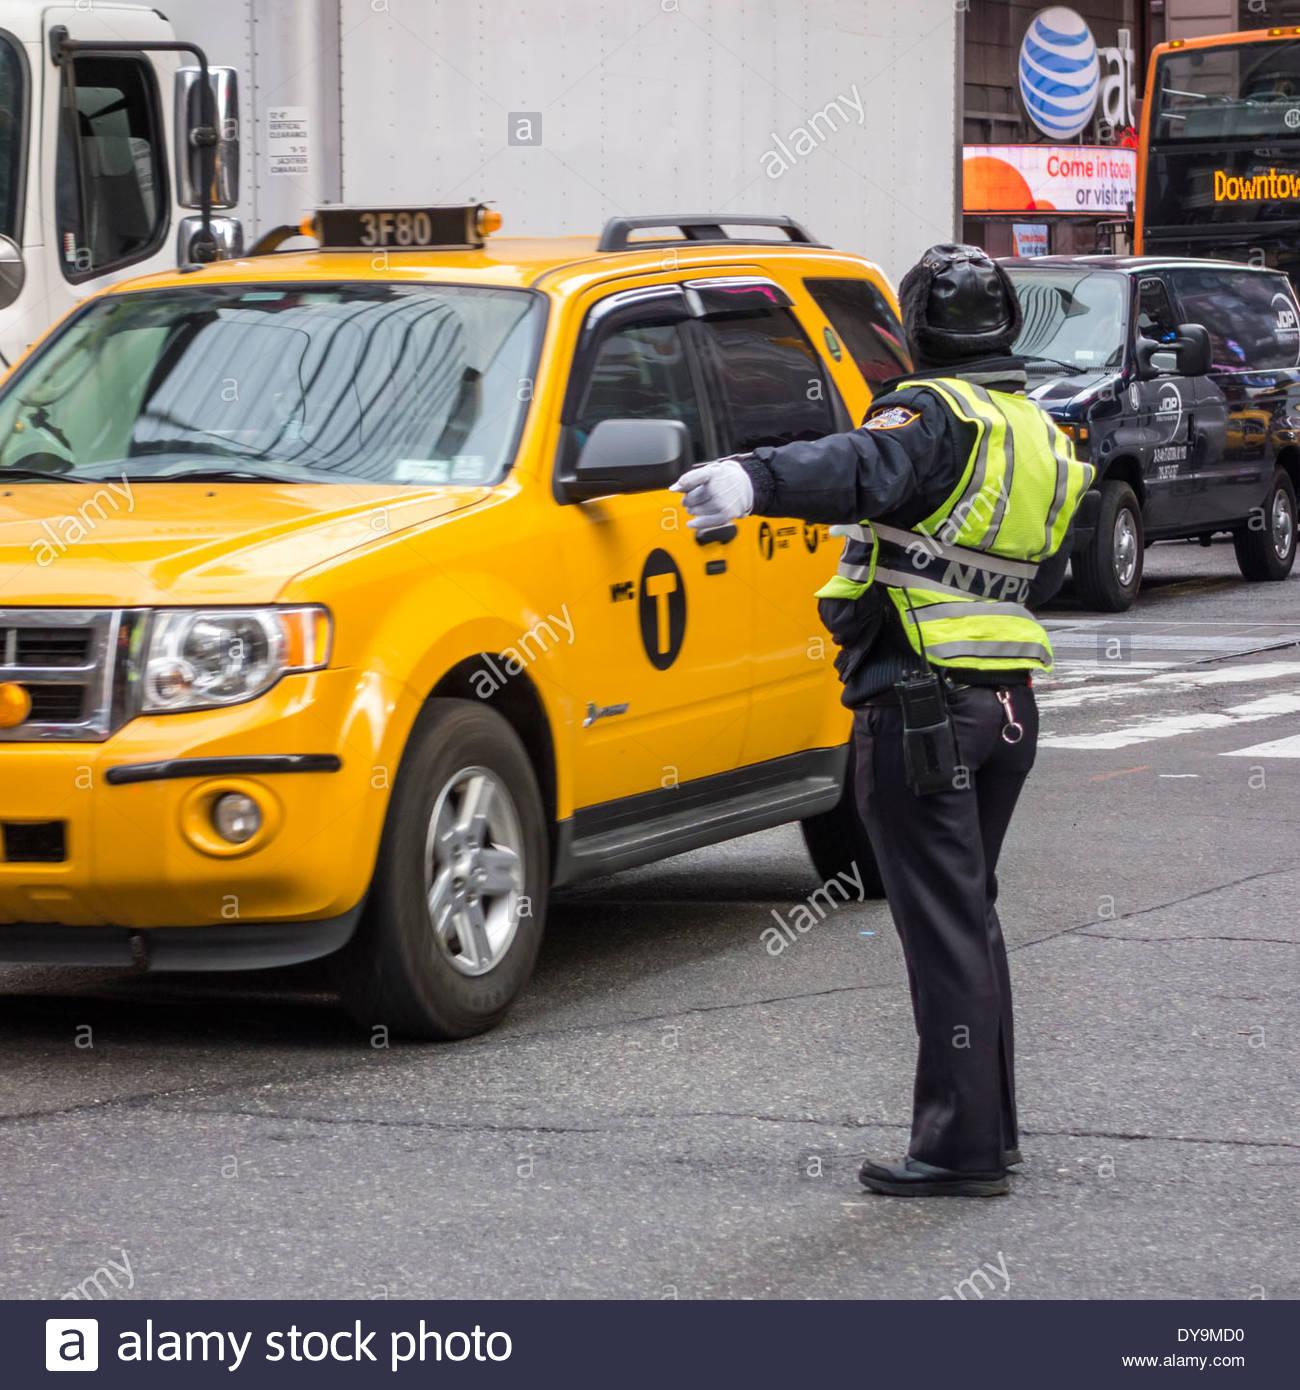 New York Police Department (NYPD) regelt den Verkehr in Manhattan, New York City, mit einem gelben Taxi Stockbild